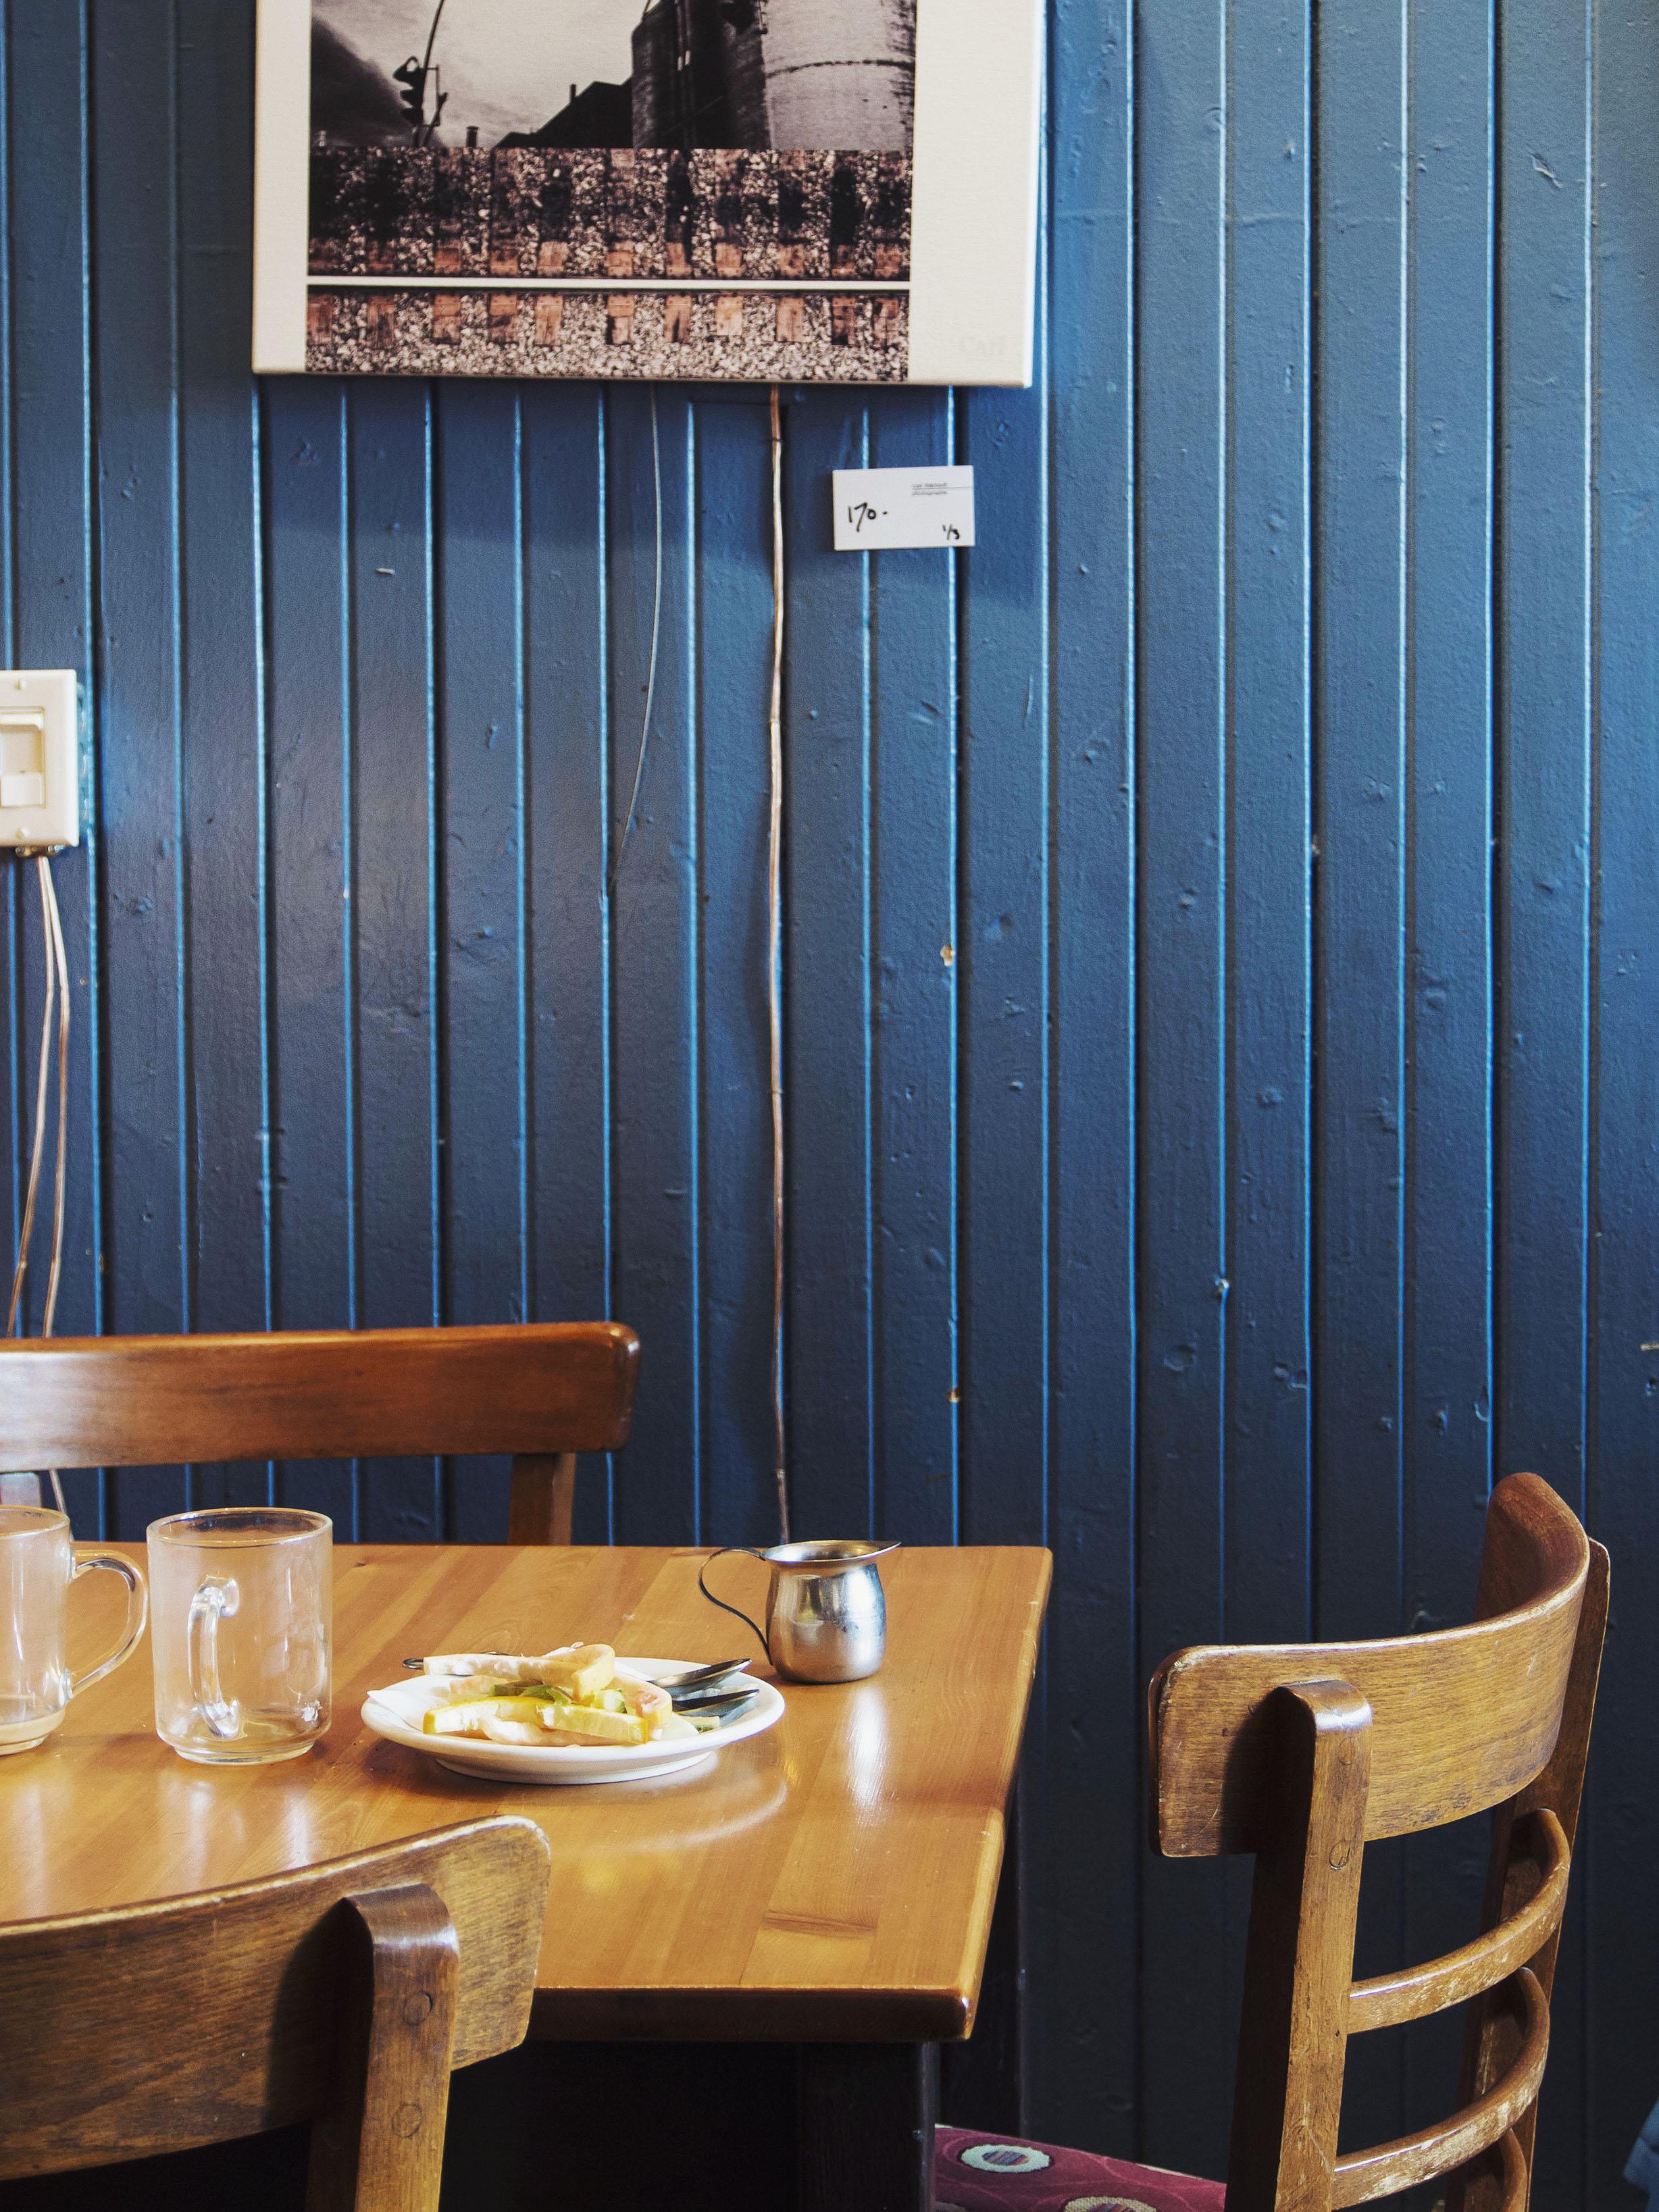 Café Les Entretiens